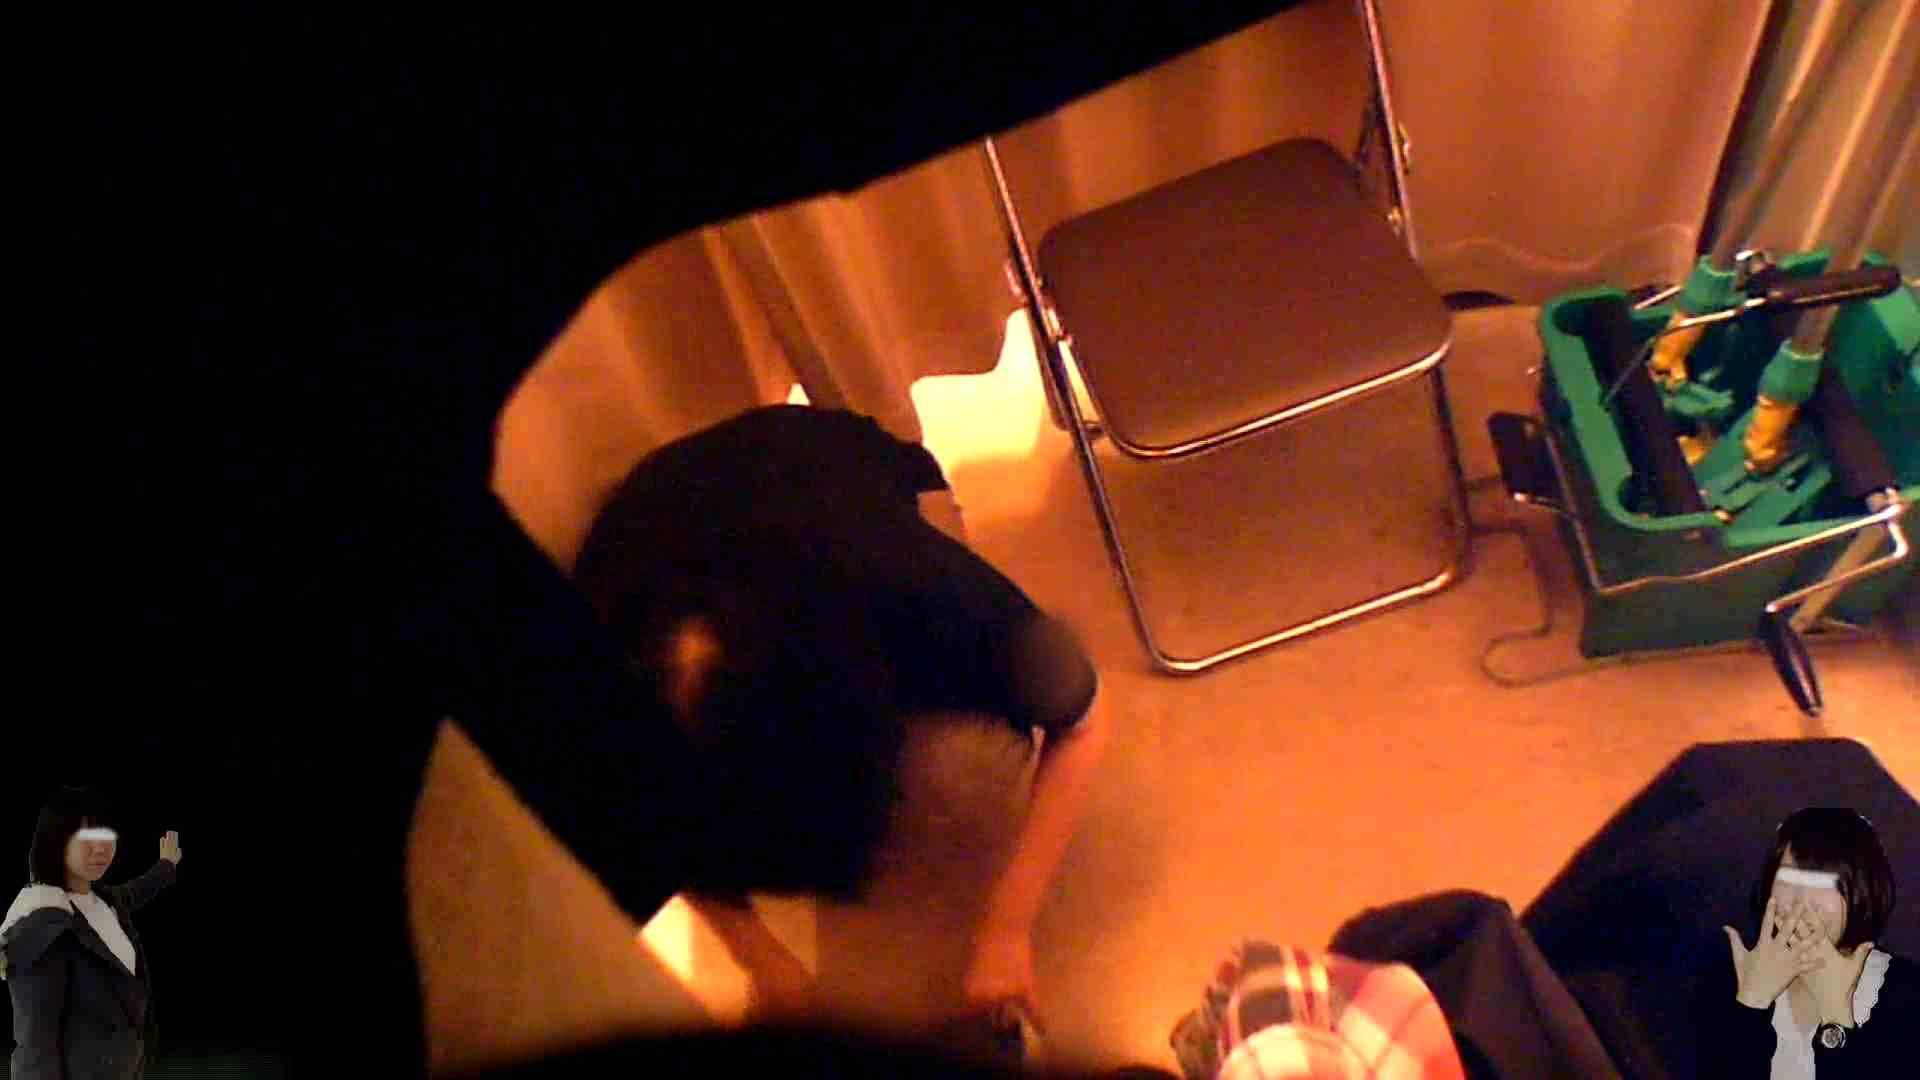 素人投稿 現役「JD」Eちゃんの着替え Vol.04 素人丸裸 おまんこ無修正動画無料 107pic 30